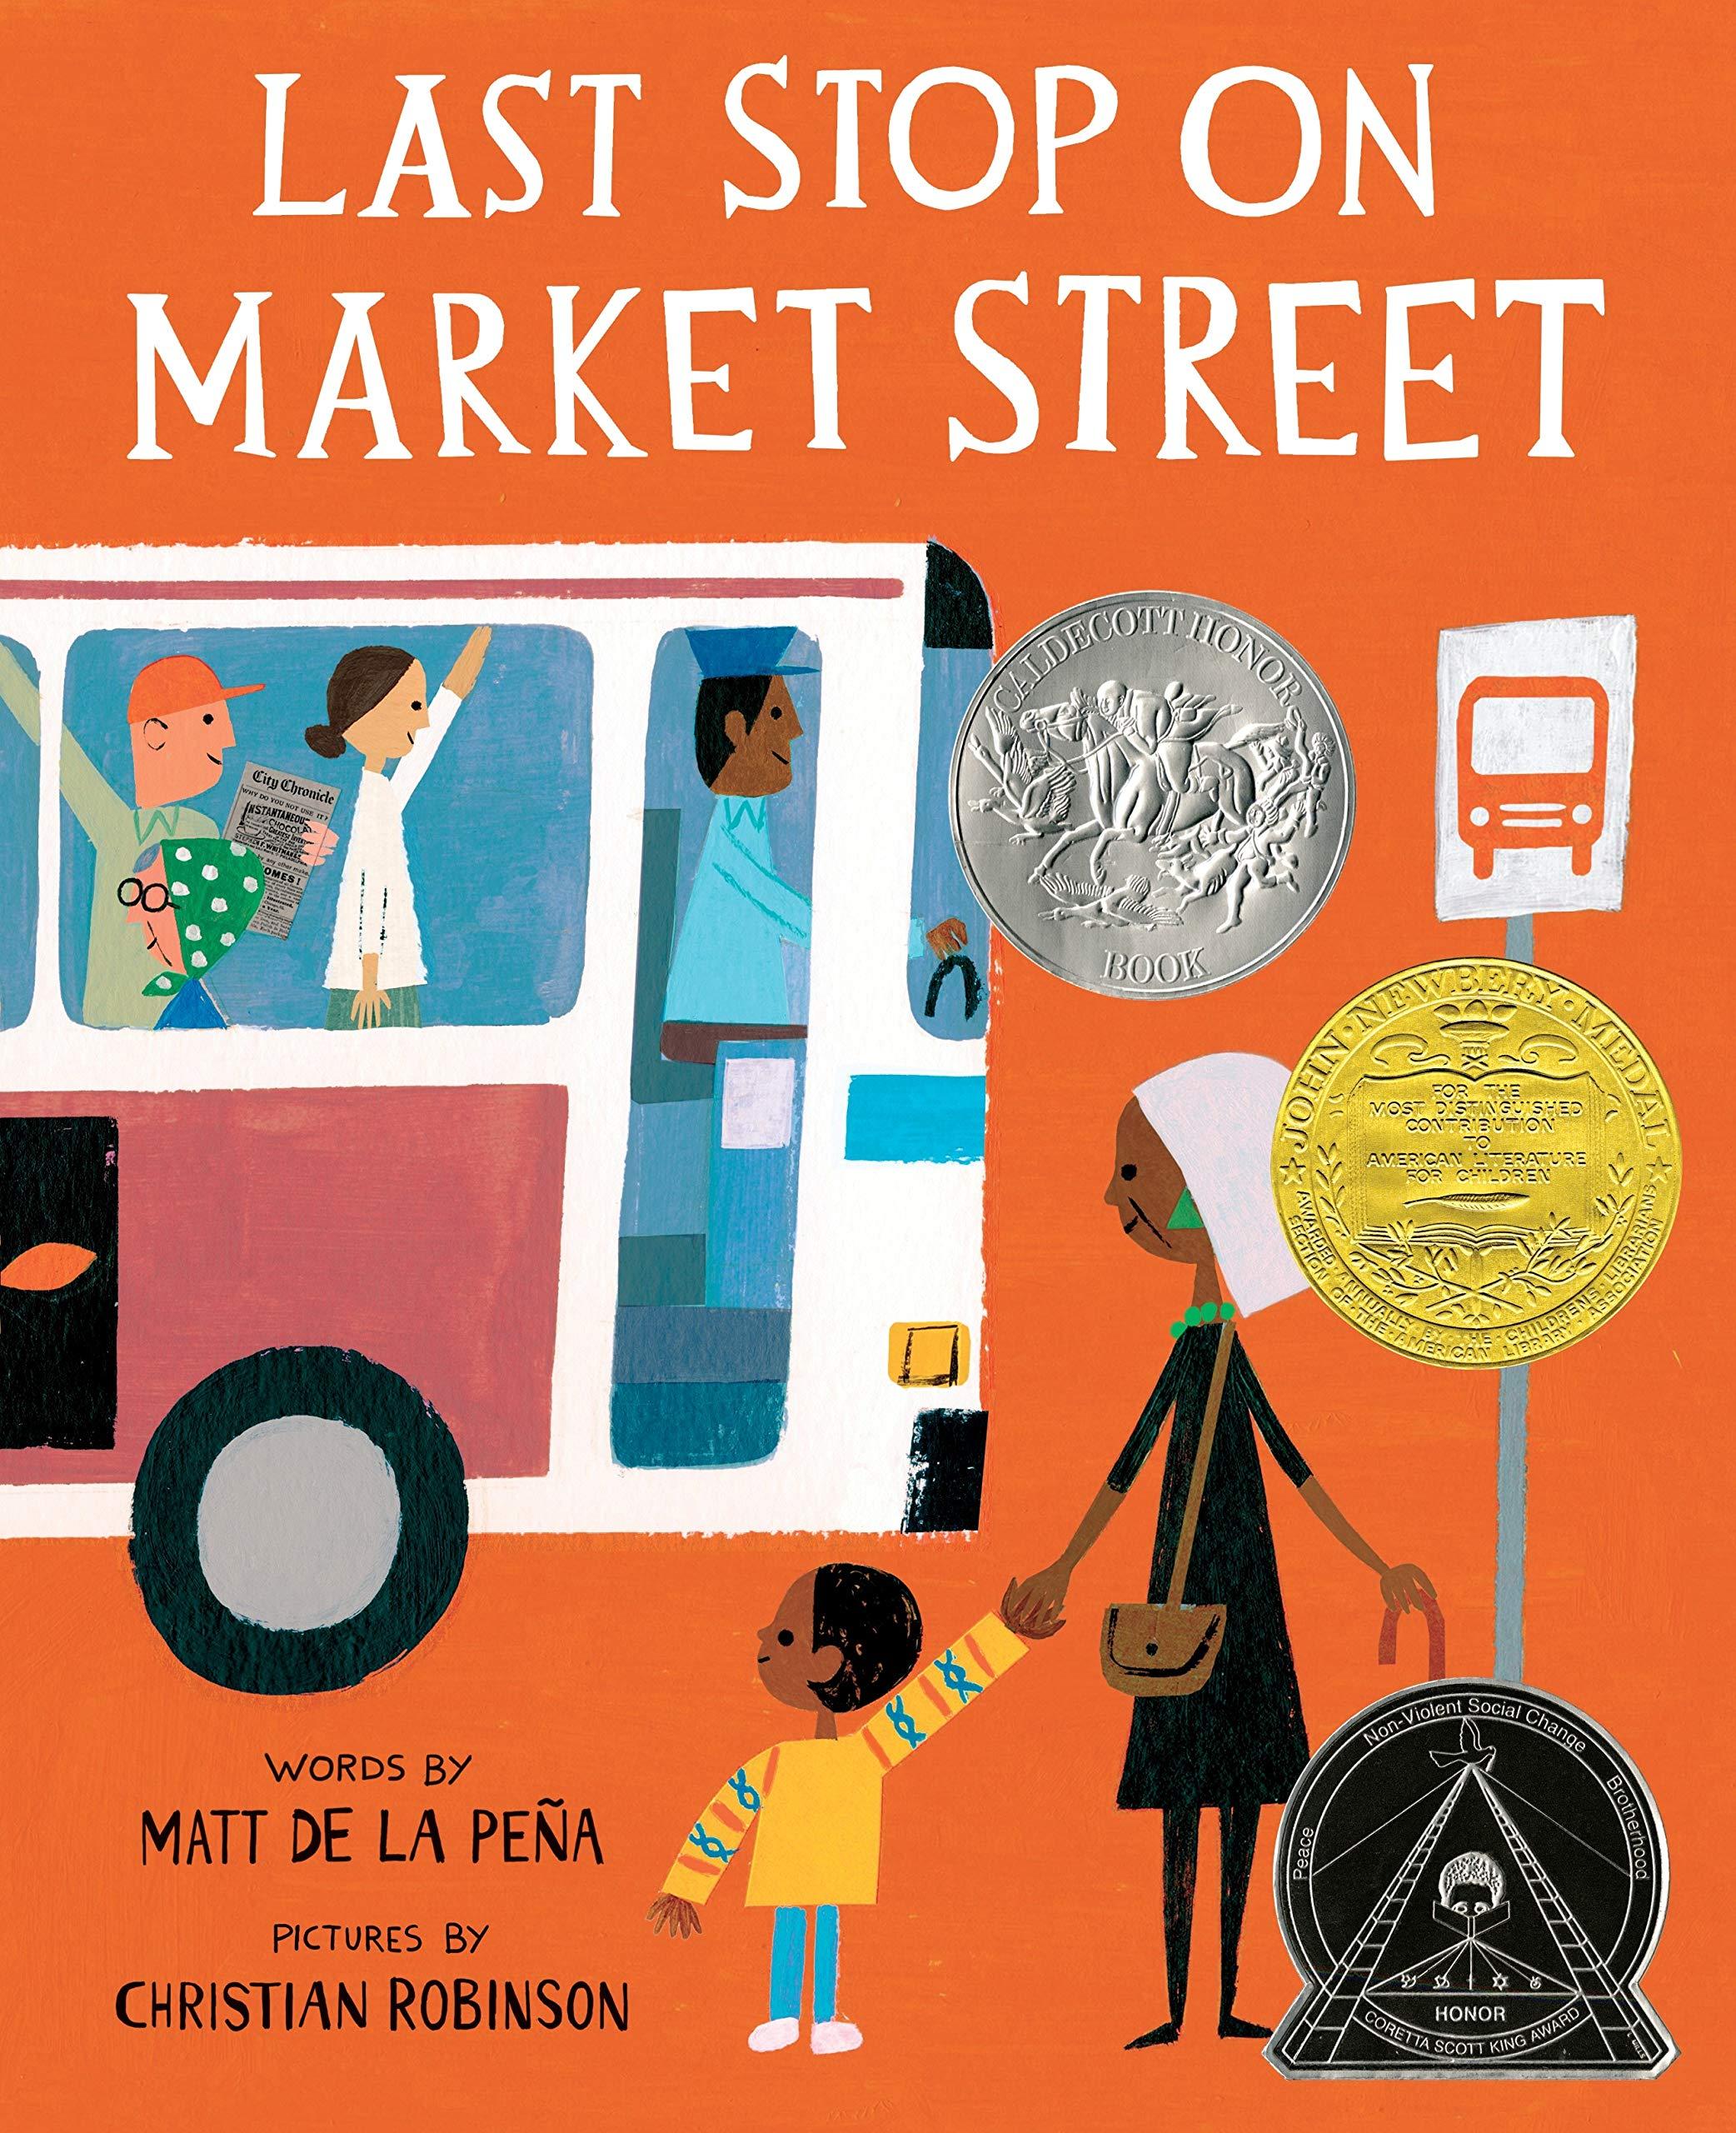 Last Stop on Market Street: de la Peña, Matt, Robinson, Christian: 9780399257742: Amazon.com: Books